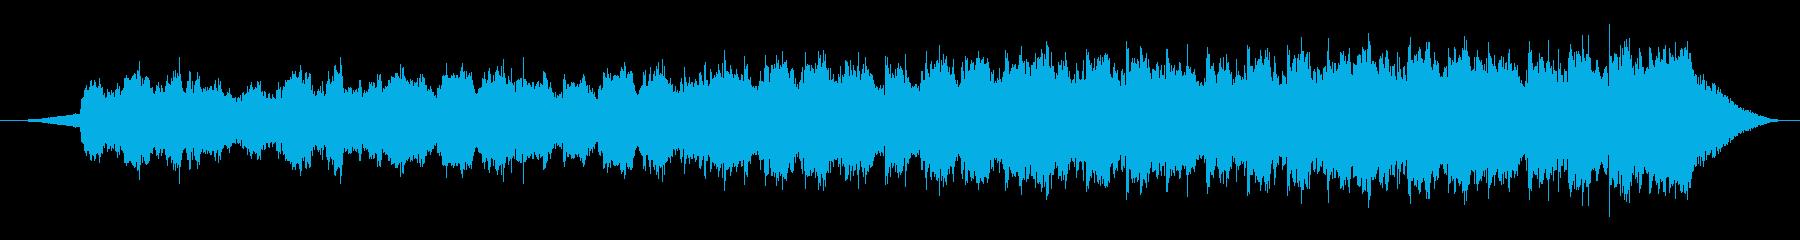 思い出の再生済みの波形